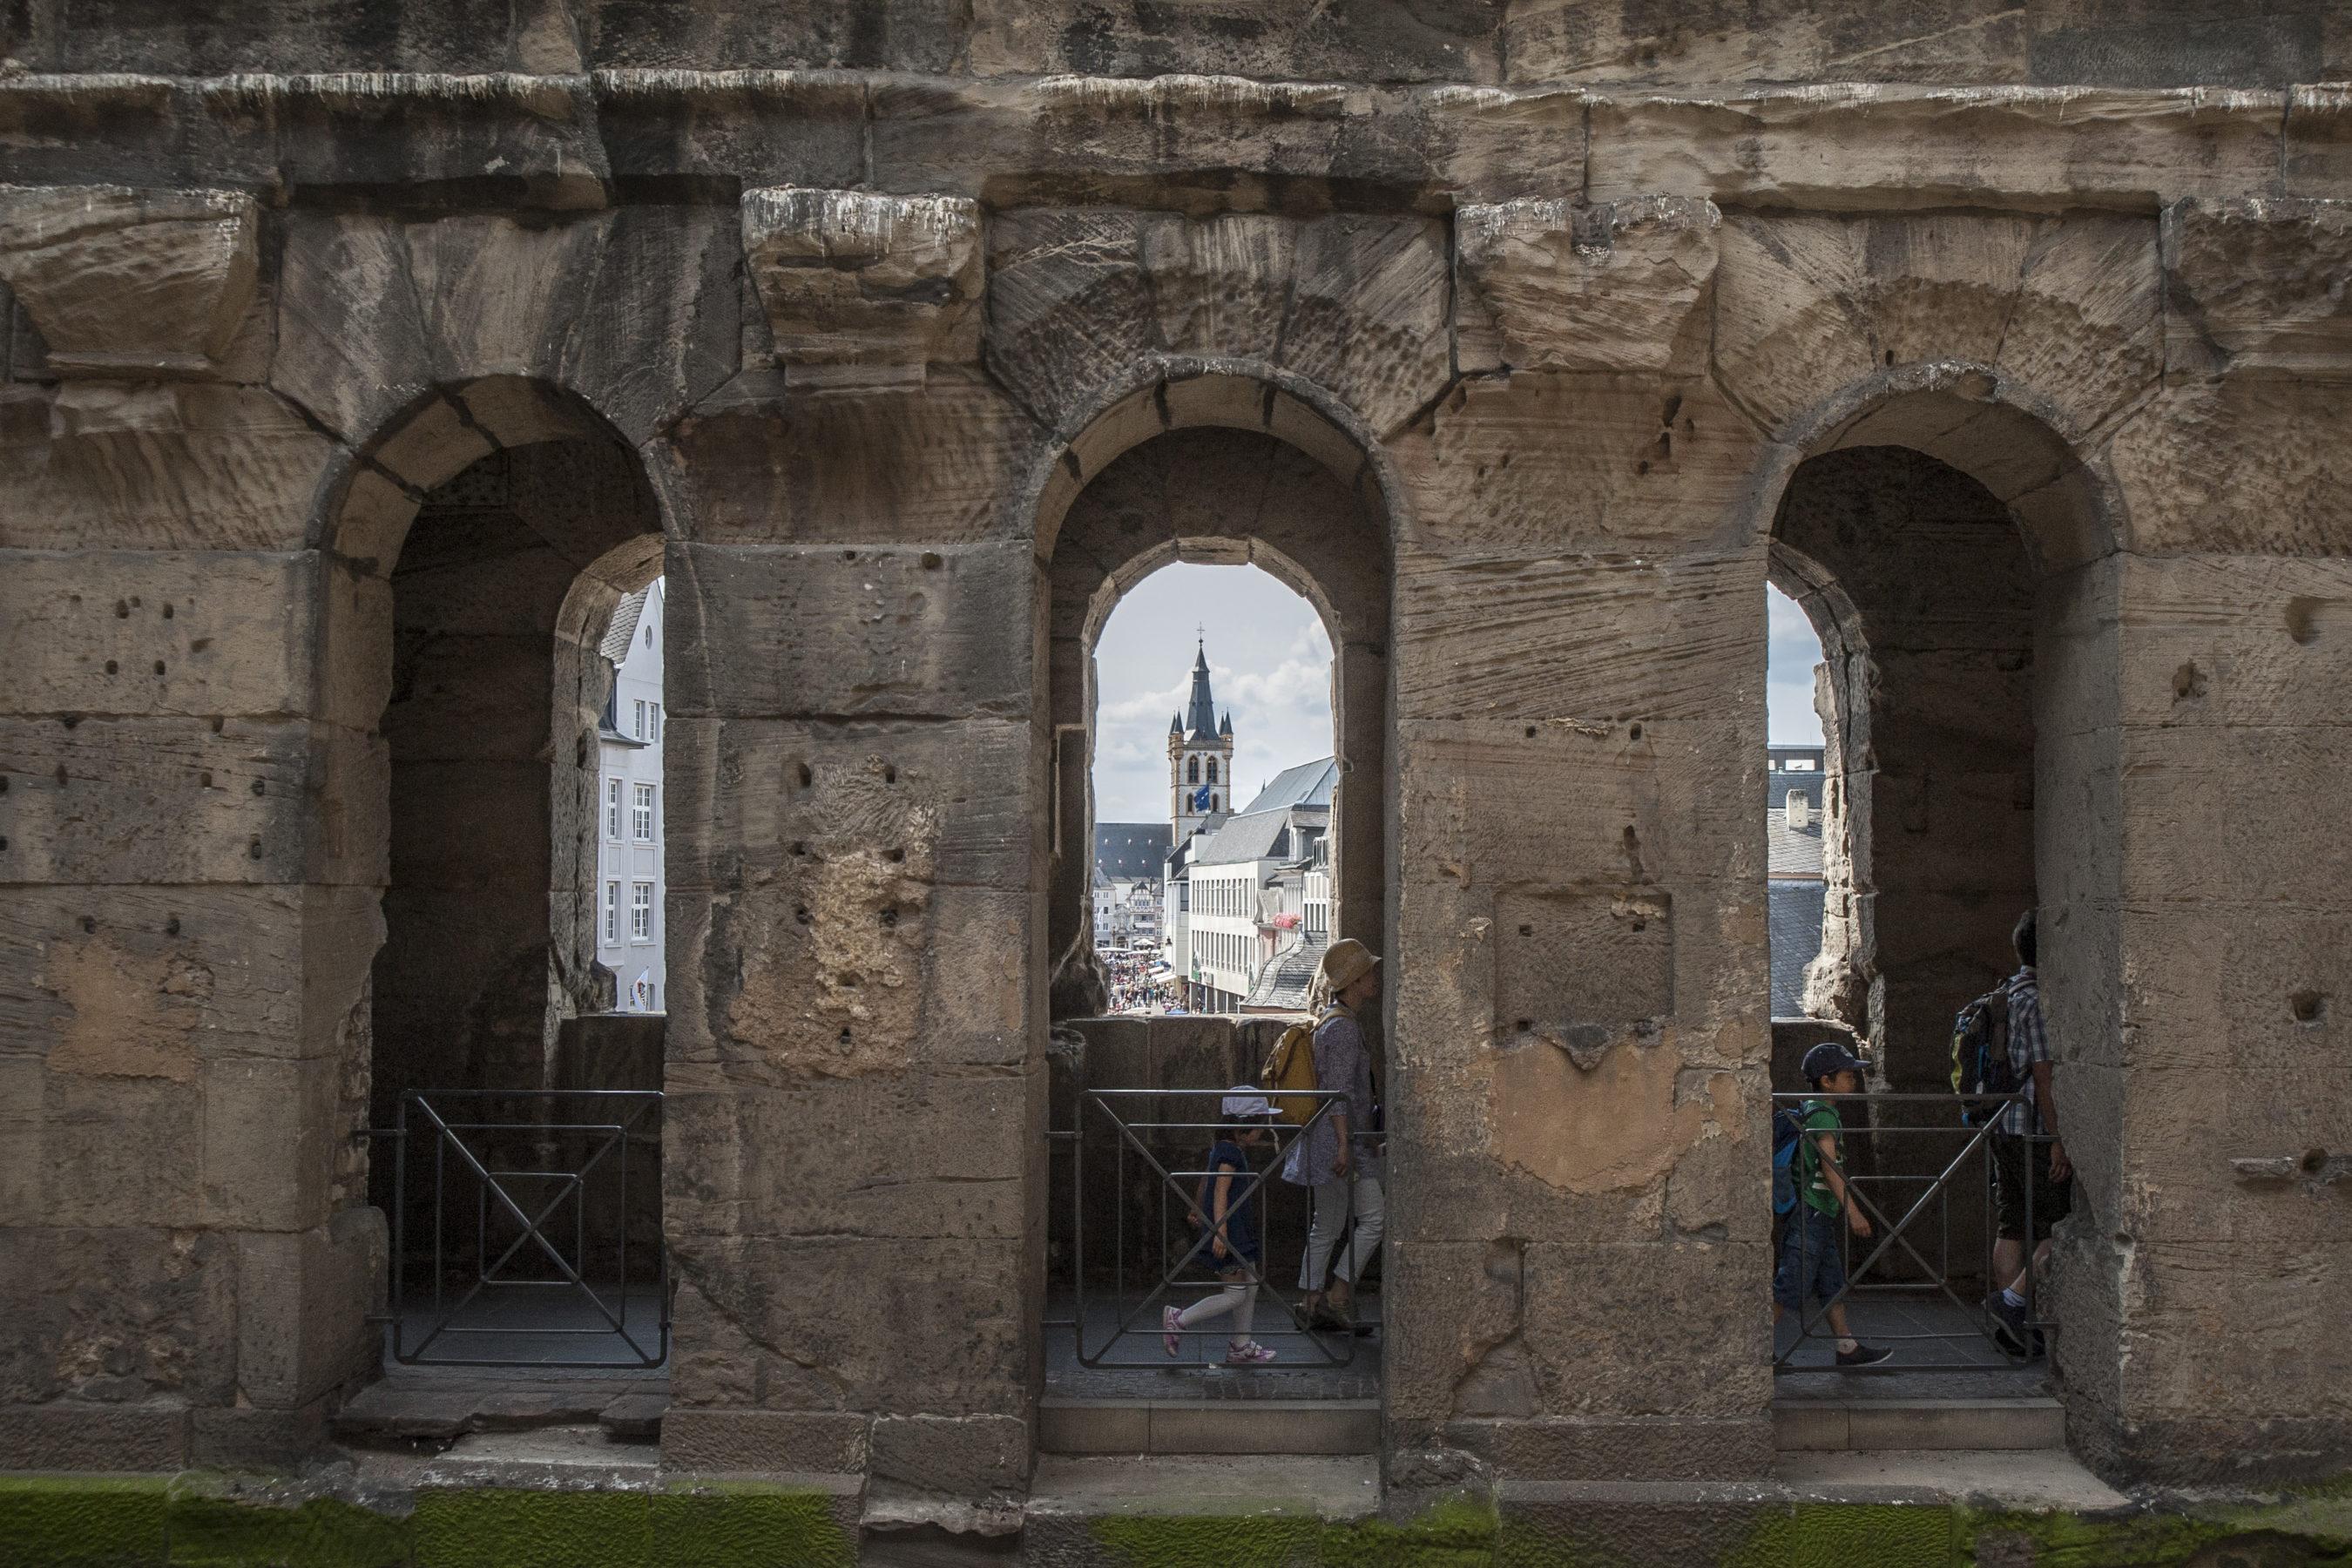 Porta Nigra, St. Gangolf